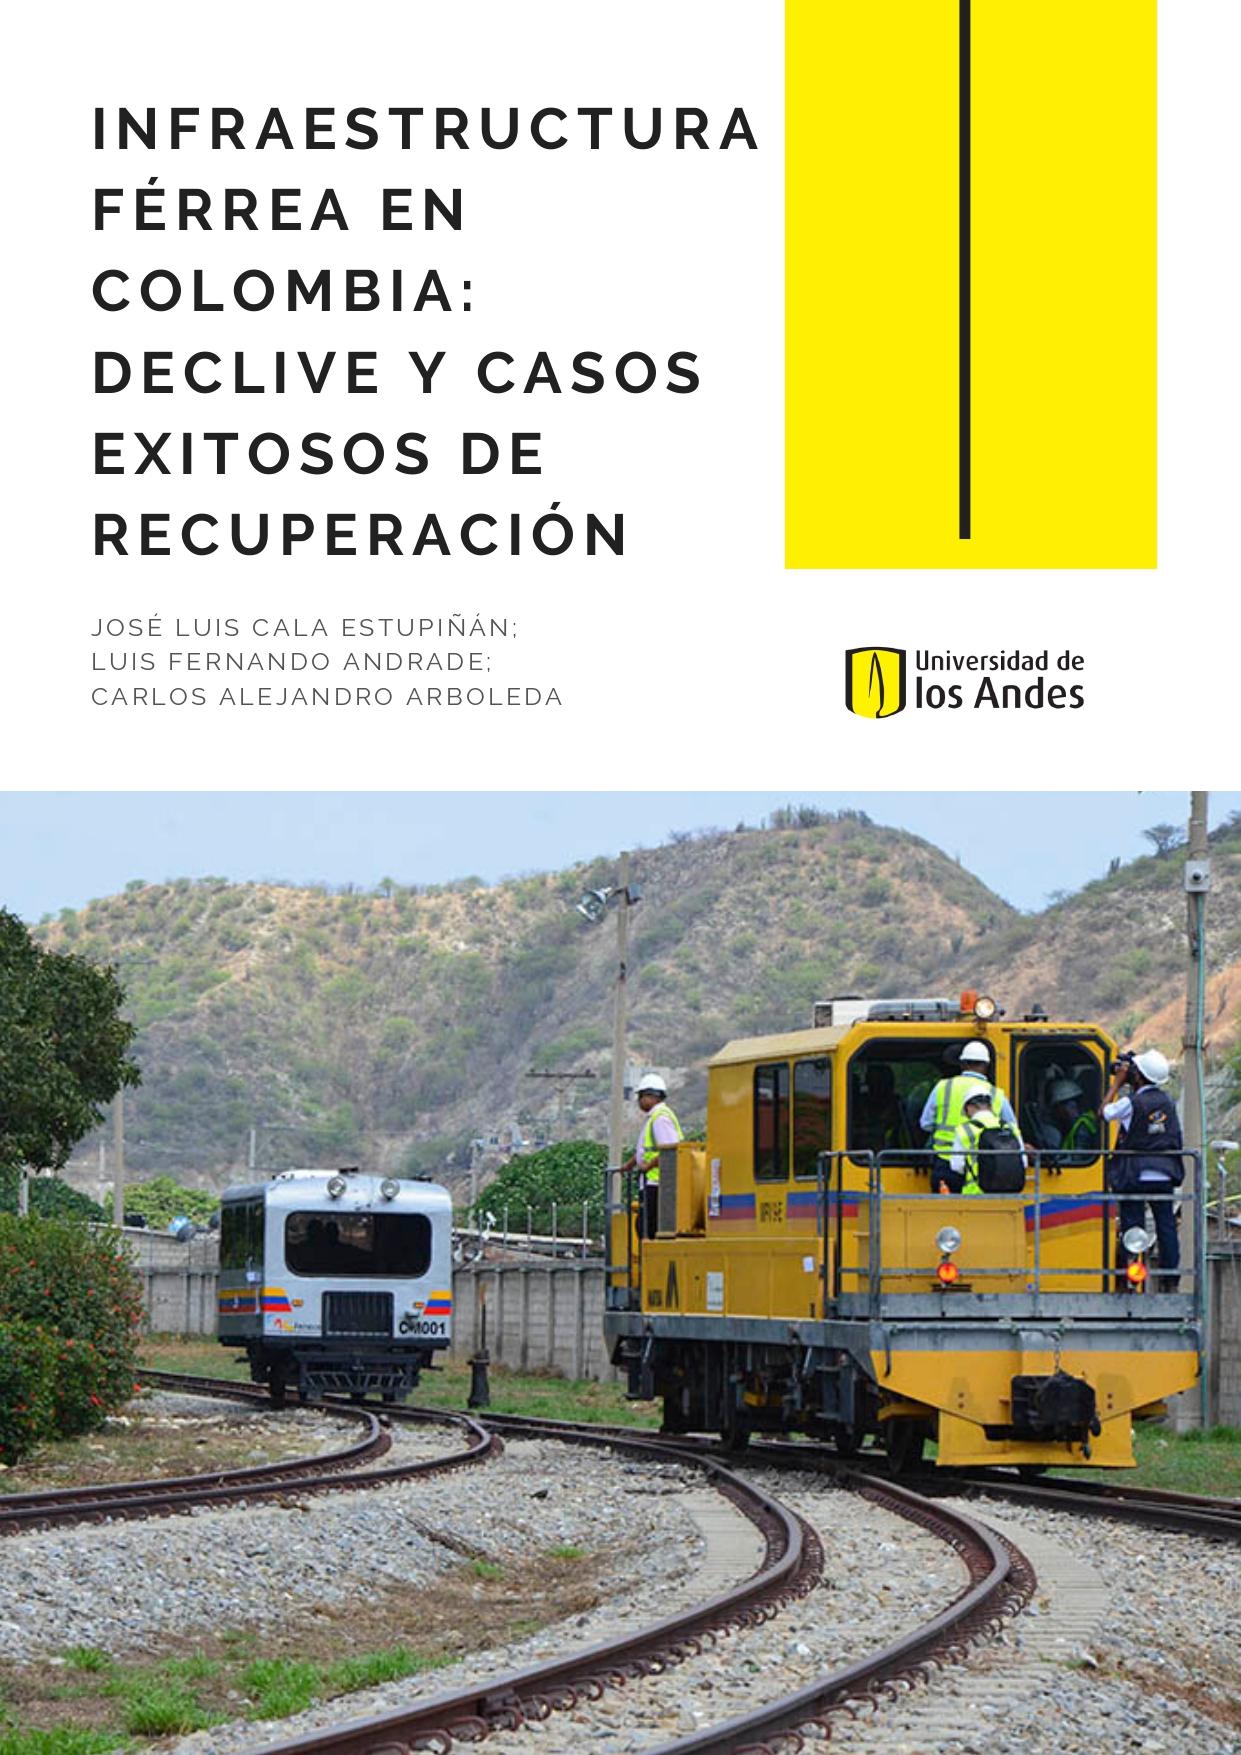 Infraestructura férrea en Colombia: declive y casos exitosos de recuperación